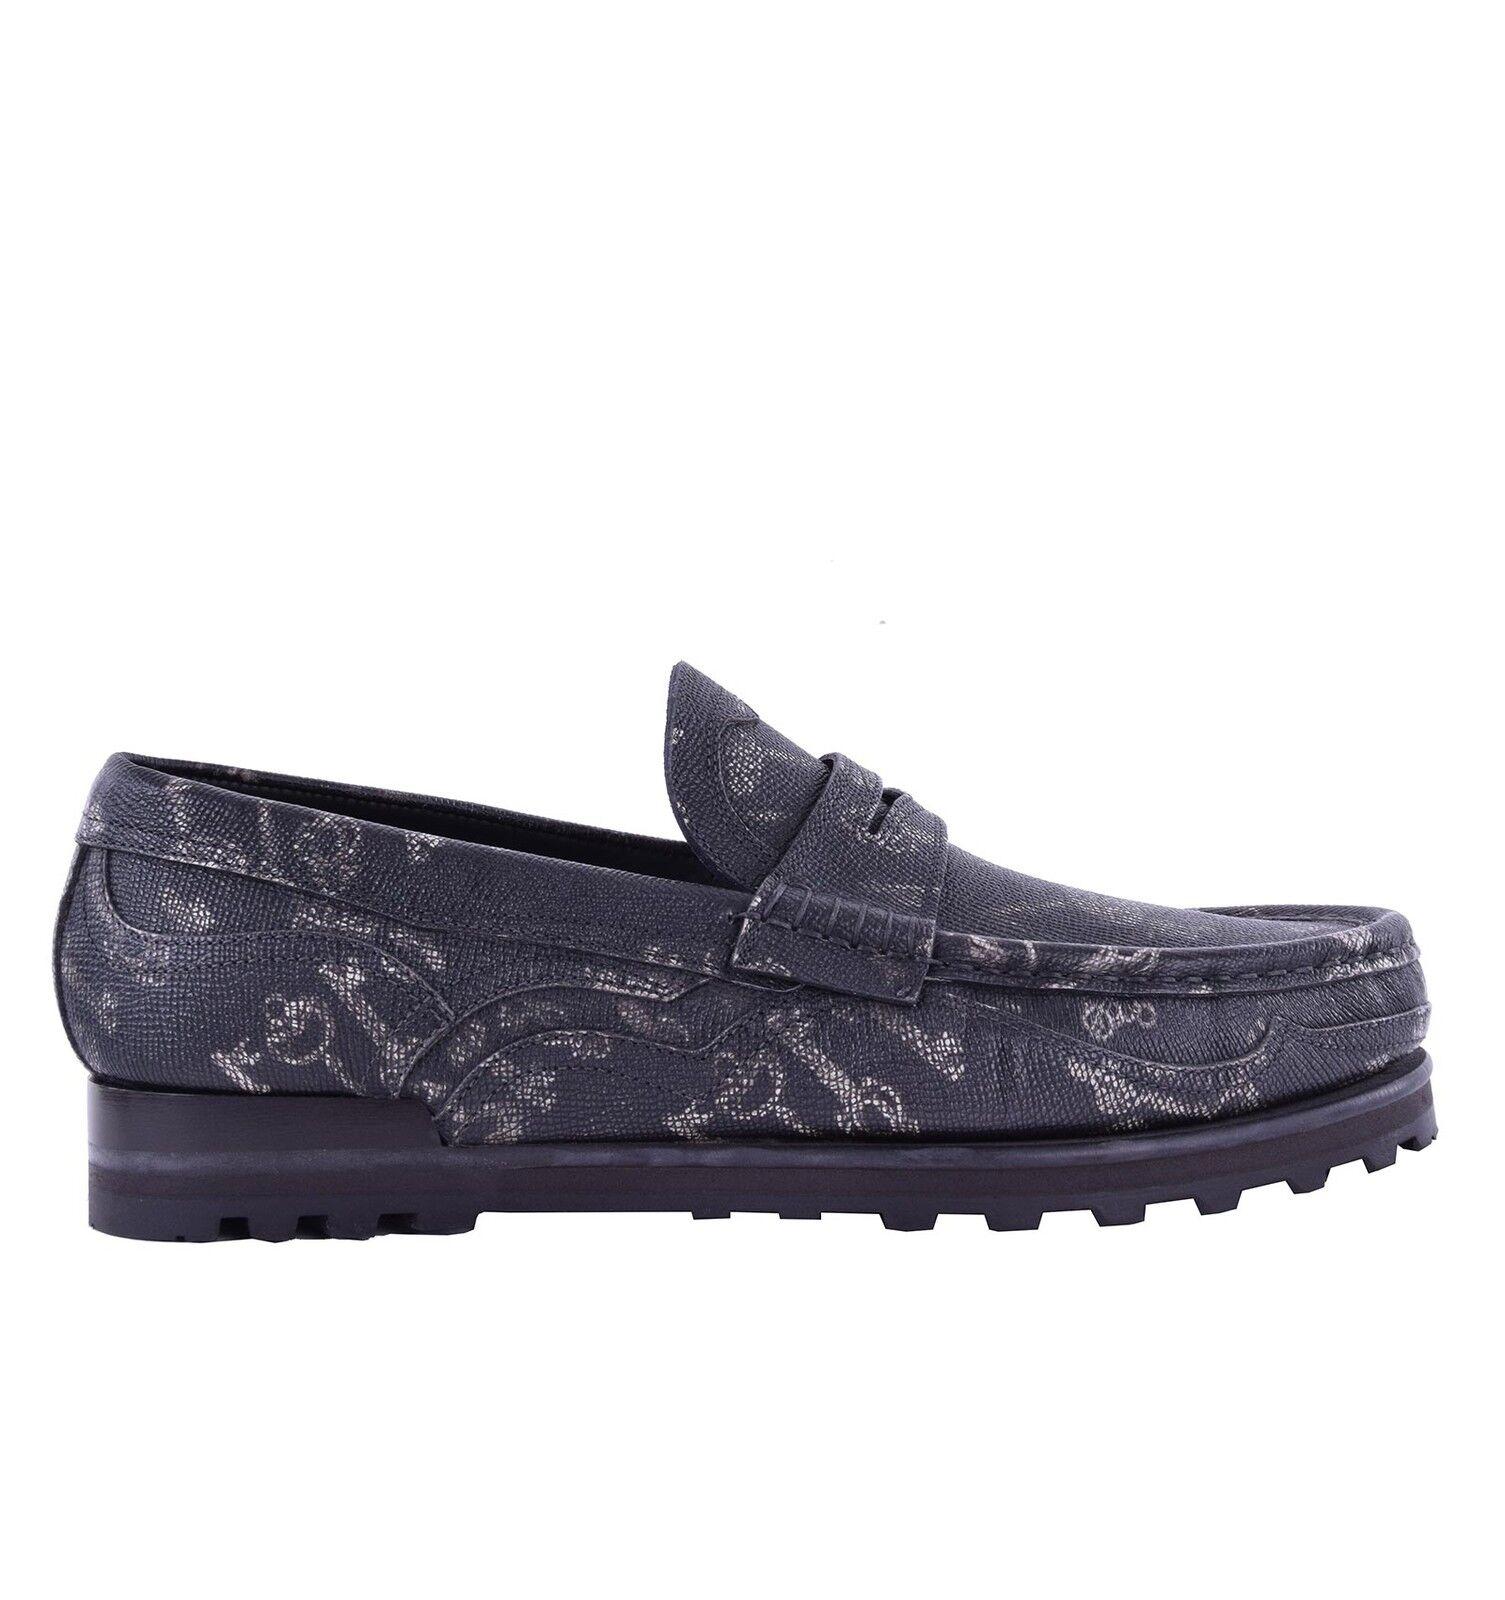 DOLCE & GABBANA Dauphine Leder Mokassins GENOVA mit Schlüssel Print Schuhe 04998